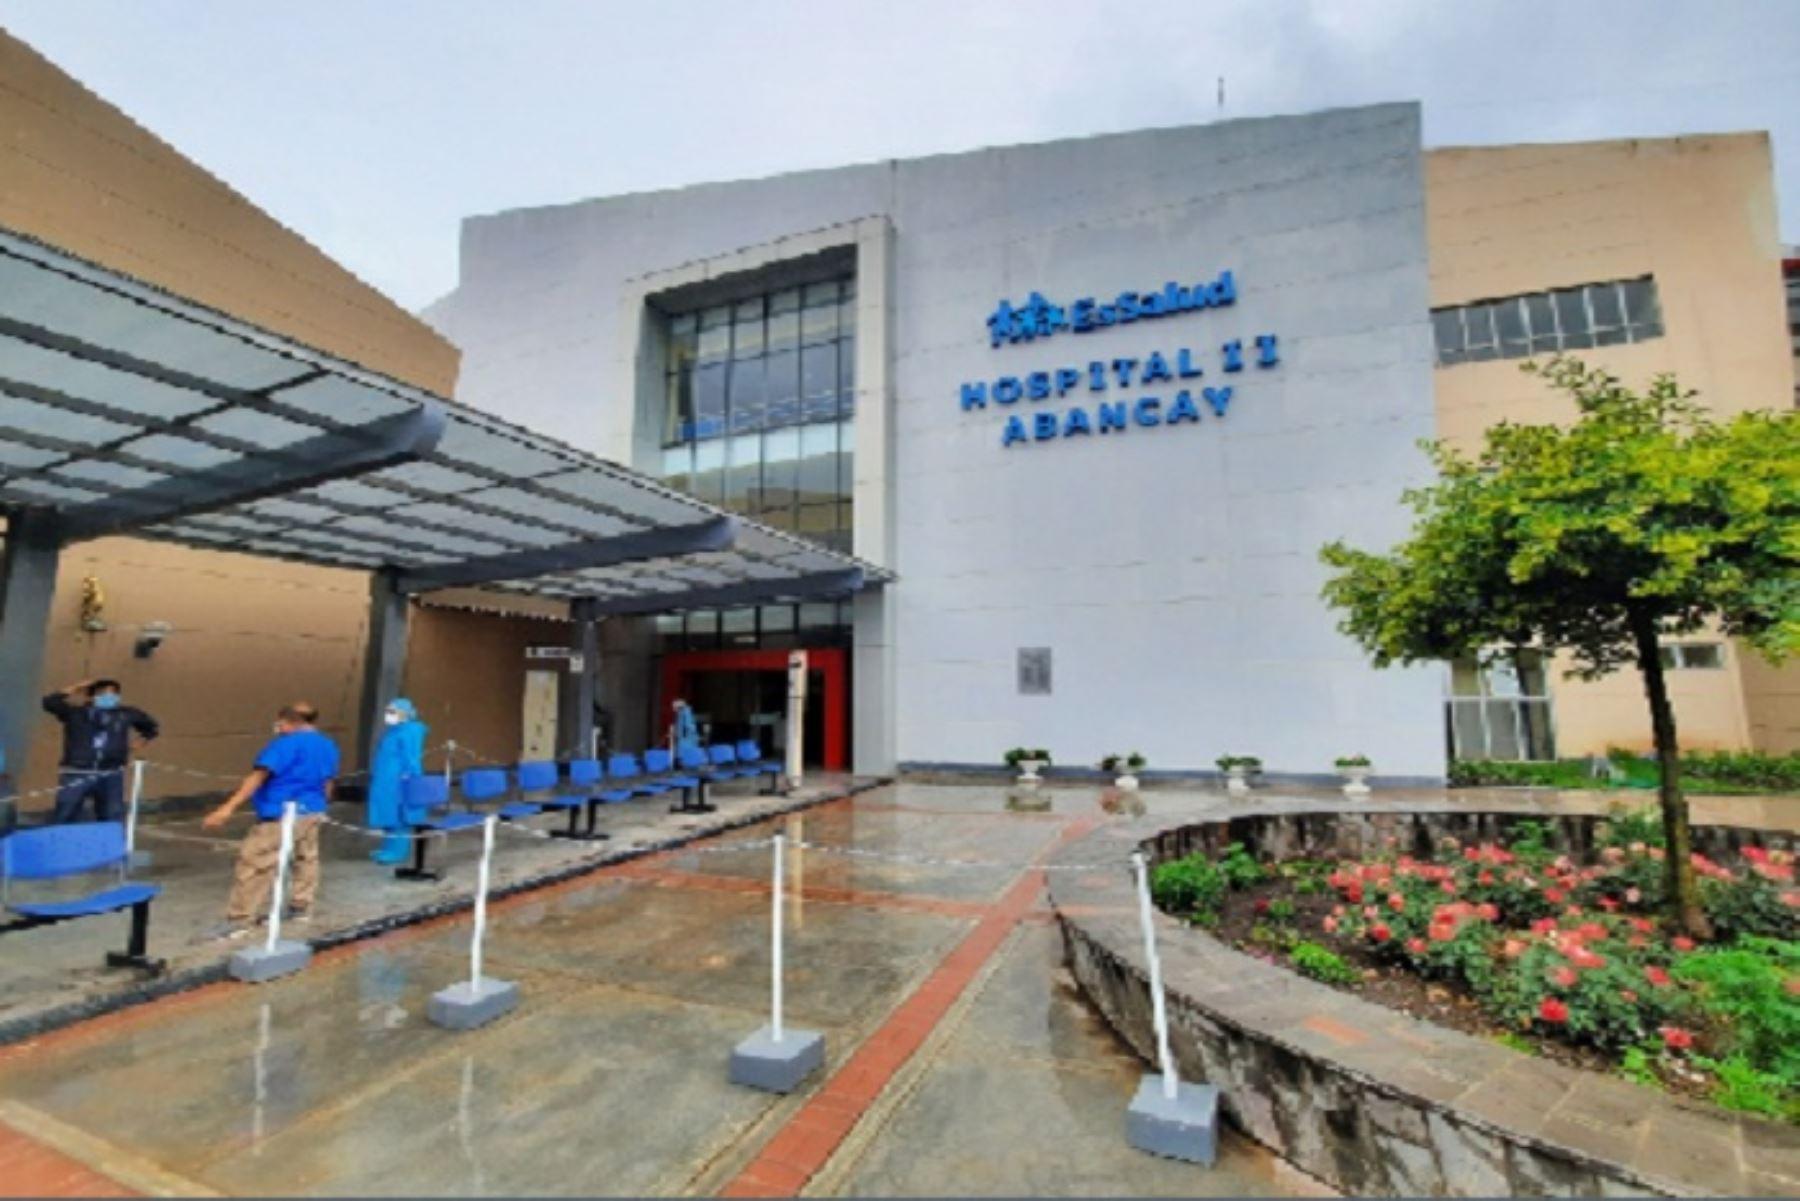 A la fecha, las ocho camas con las que cuenta la Unidad de Cuidados Intensivos del hospital II Abancay de encuentran ocupadas.